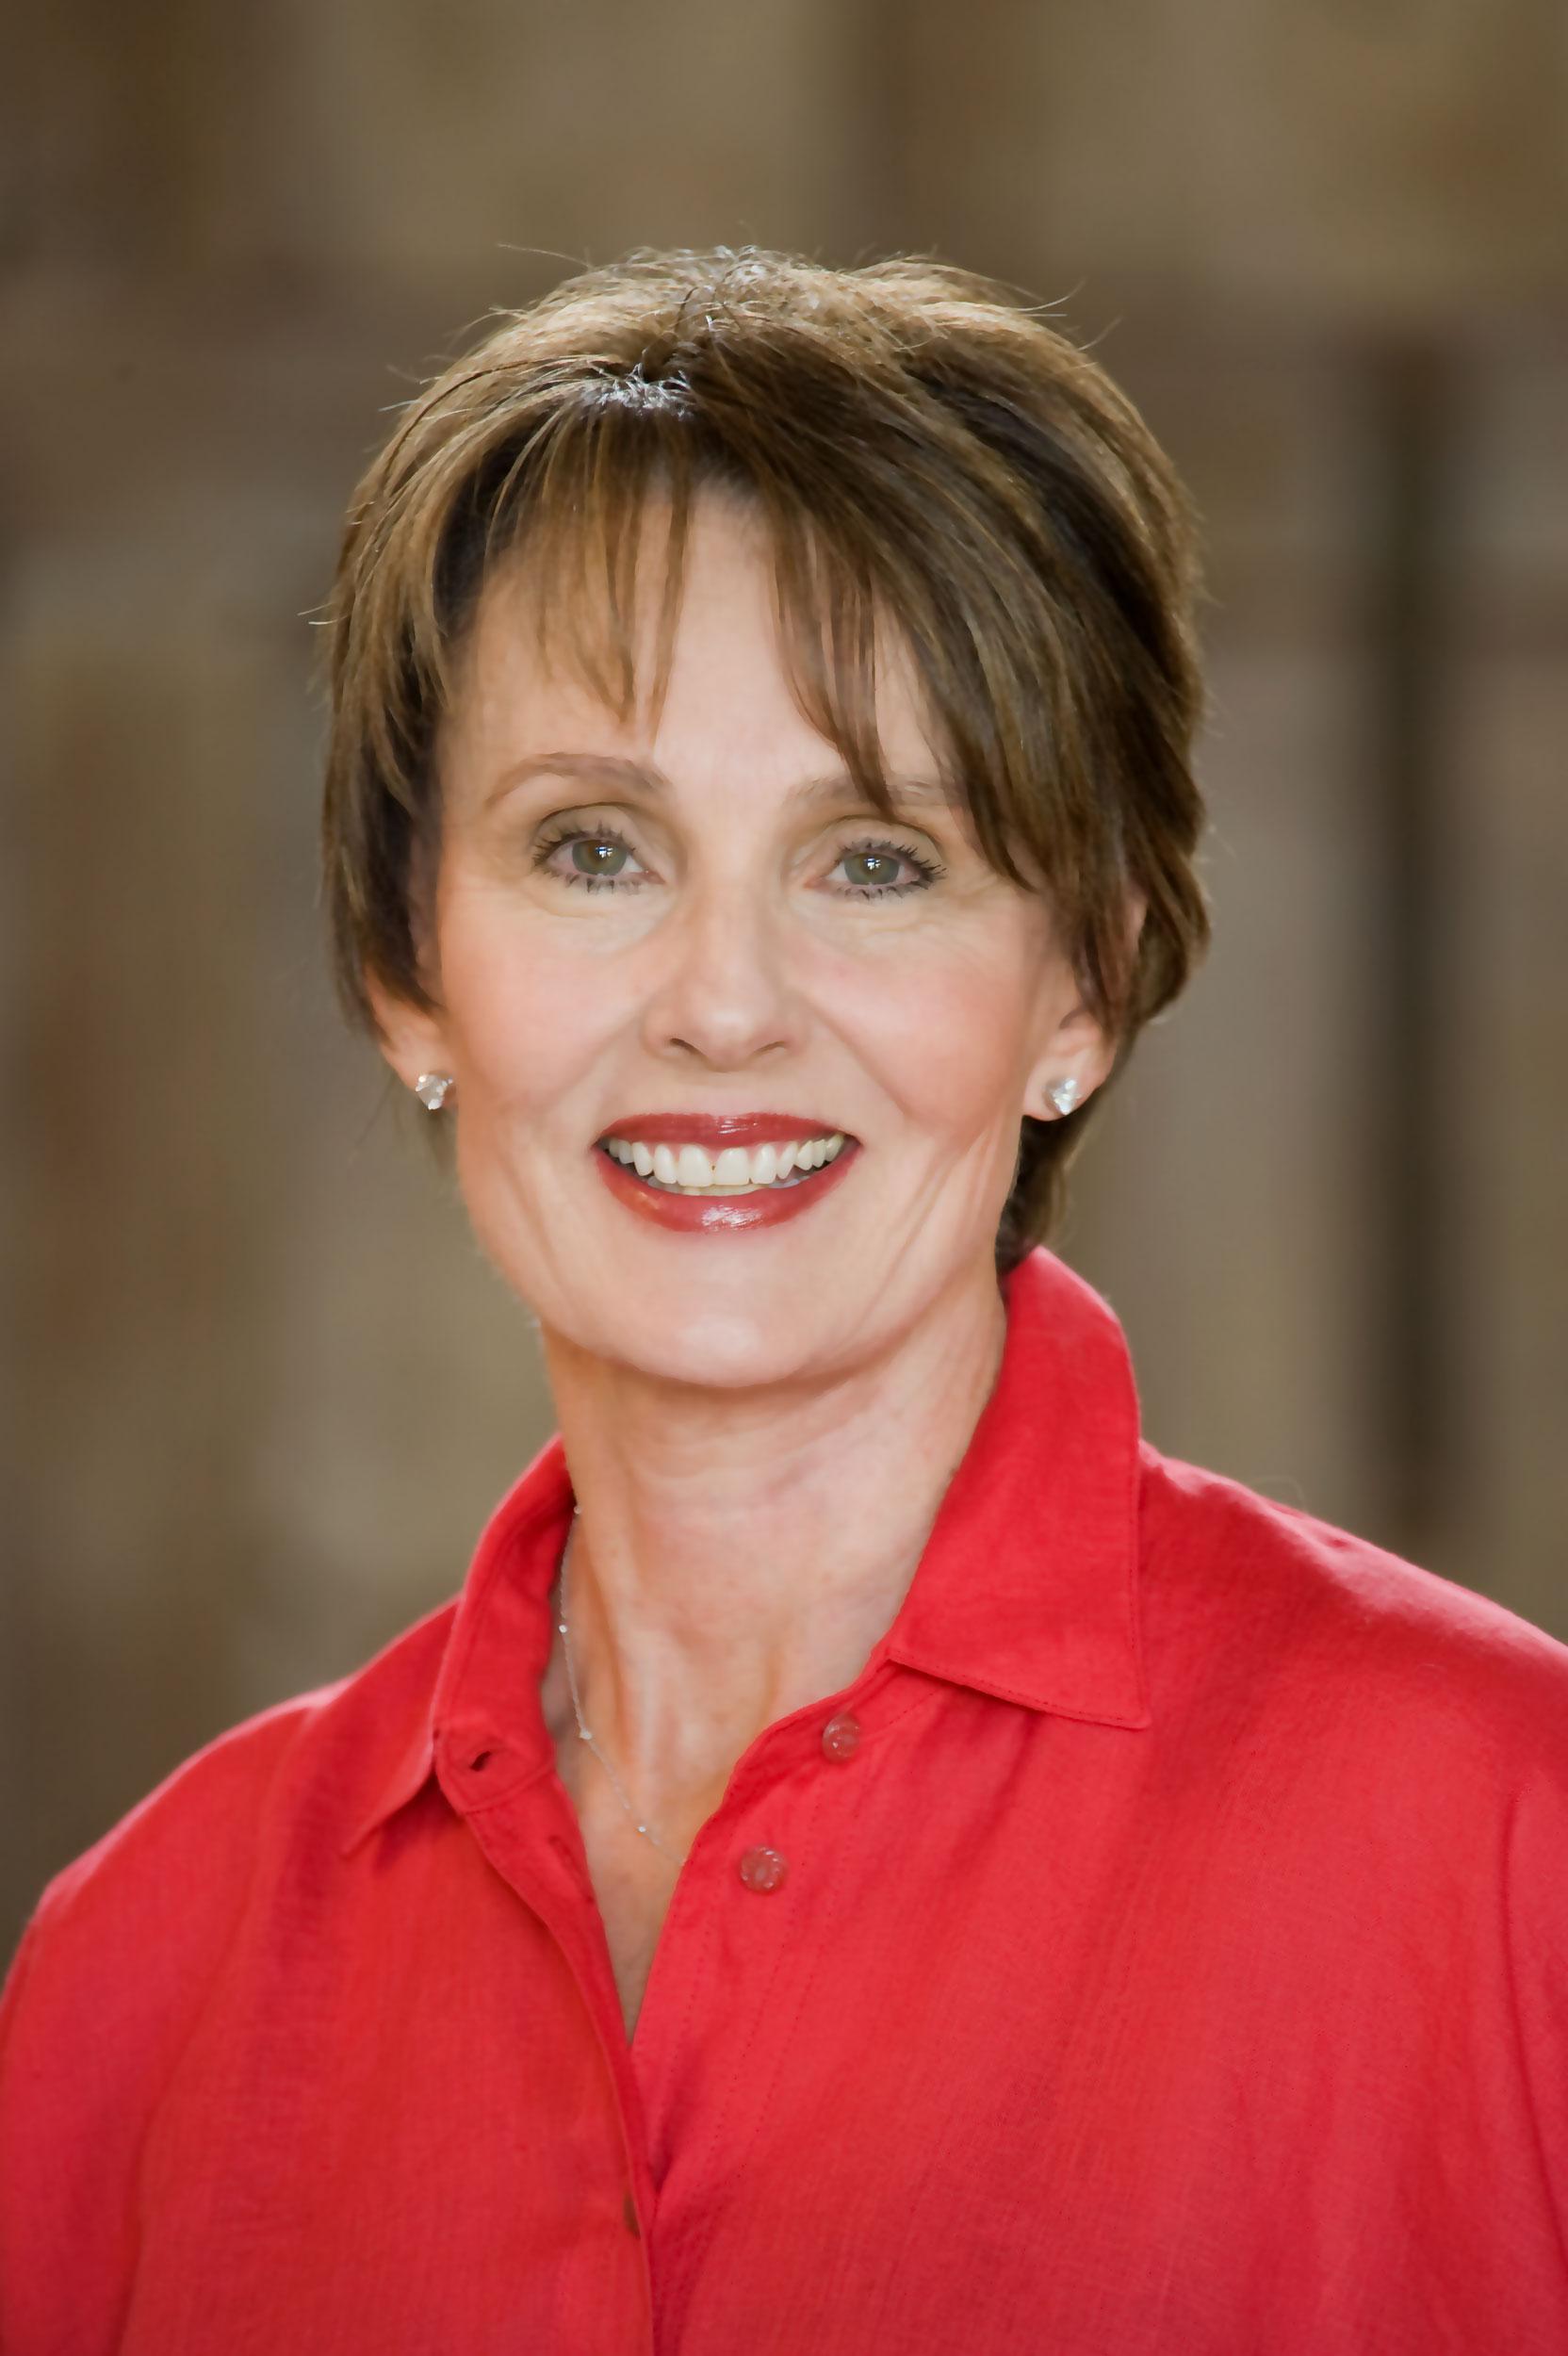 Jeannie Brown